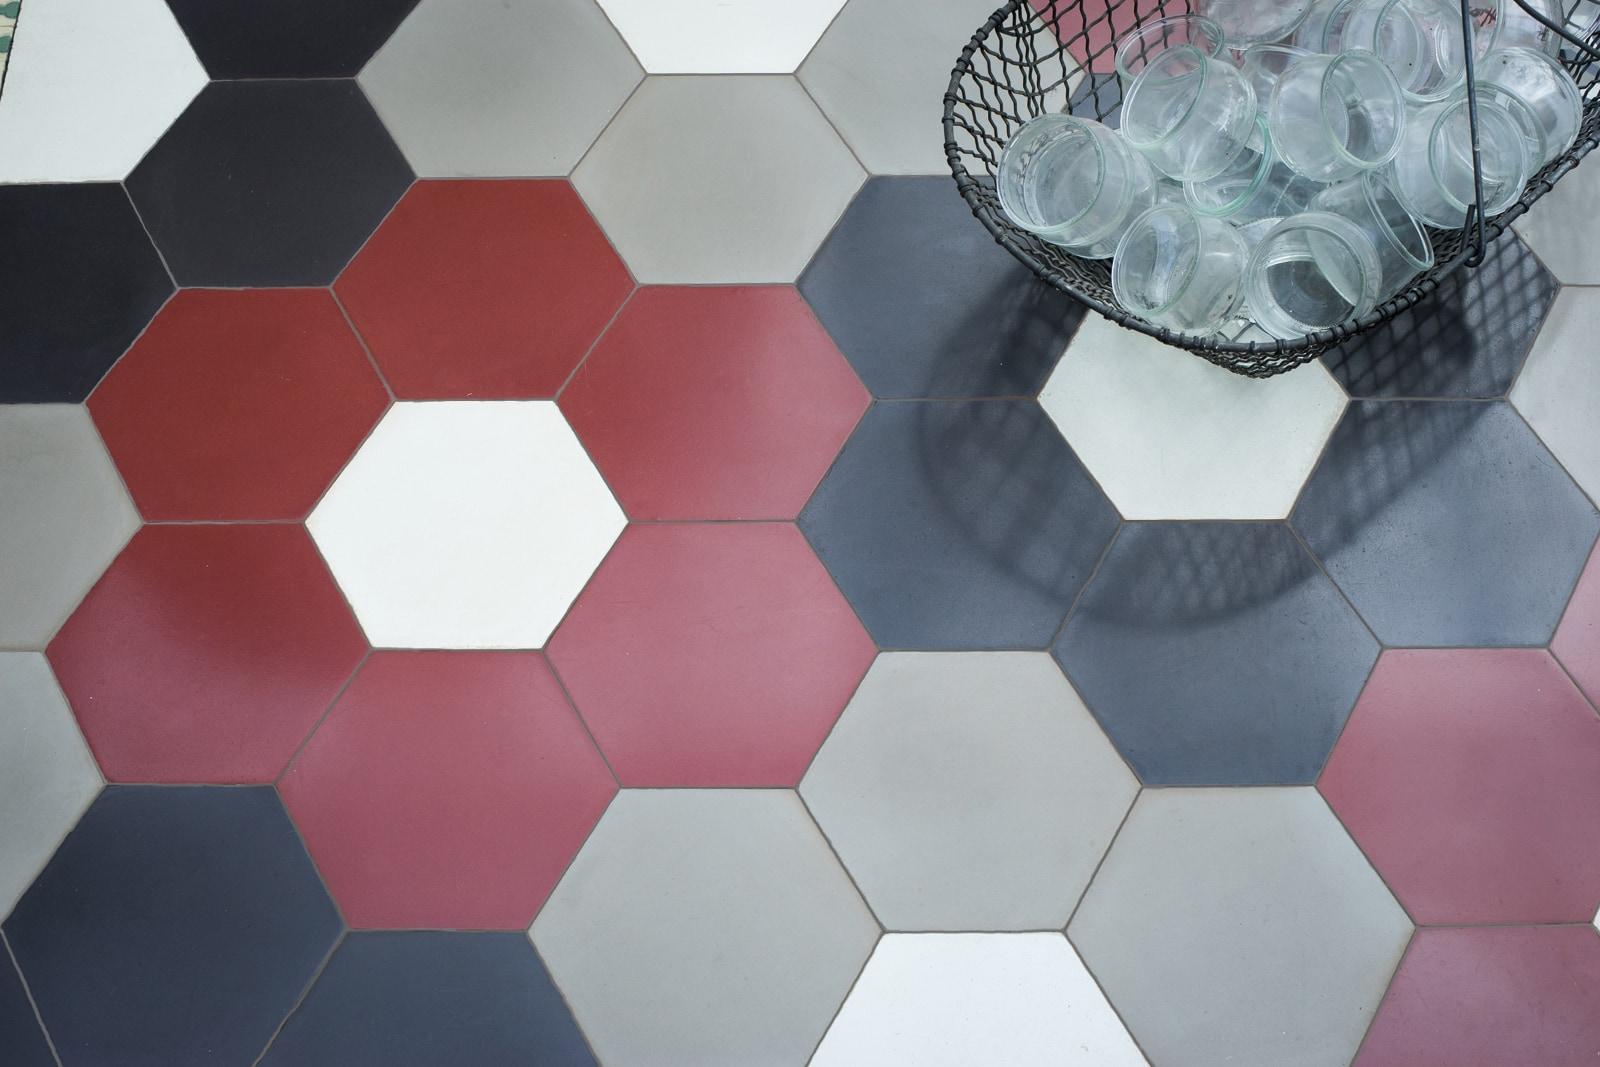 zementmosaikplatten-secheckplatte-nr-6-52-viaplatten | 6-60